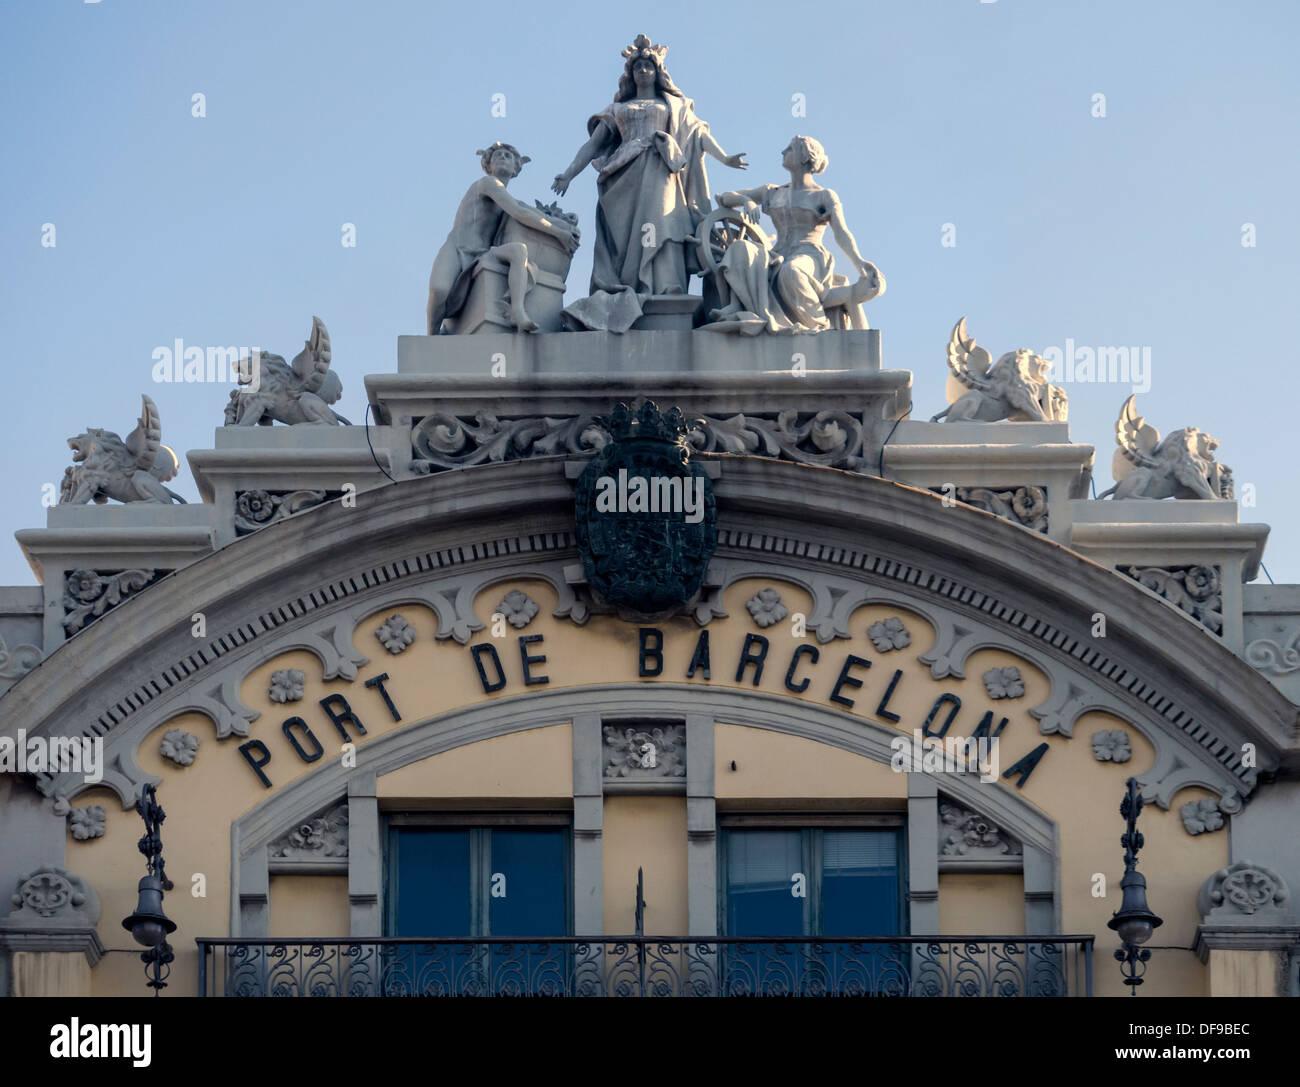 Detalle de la fachada del antiguo edificio de la autoridad portuaria en el Port Vell, Barcelona Foto de stock